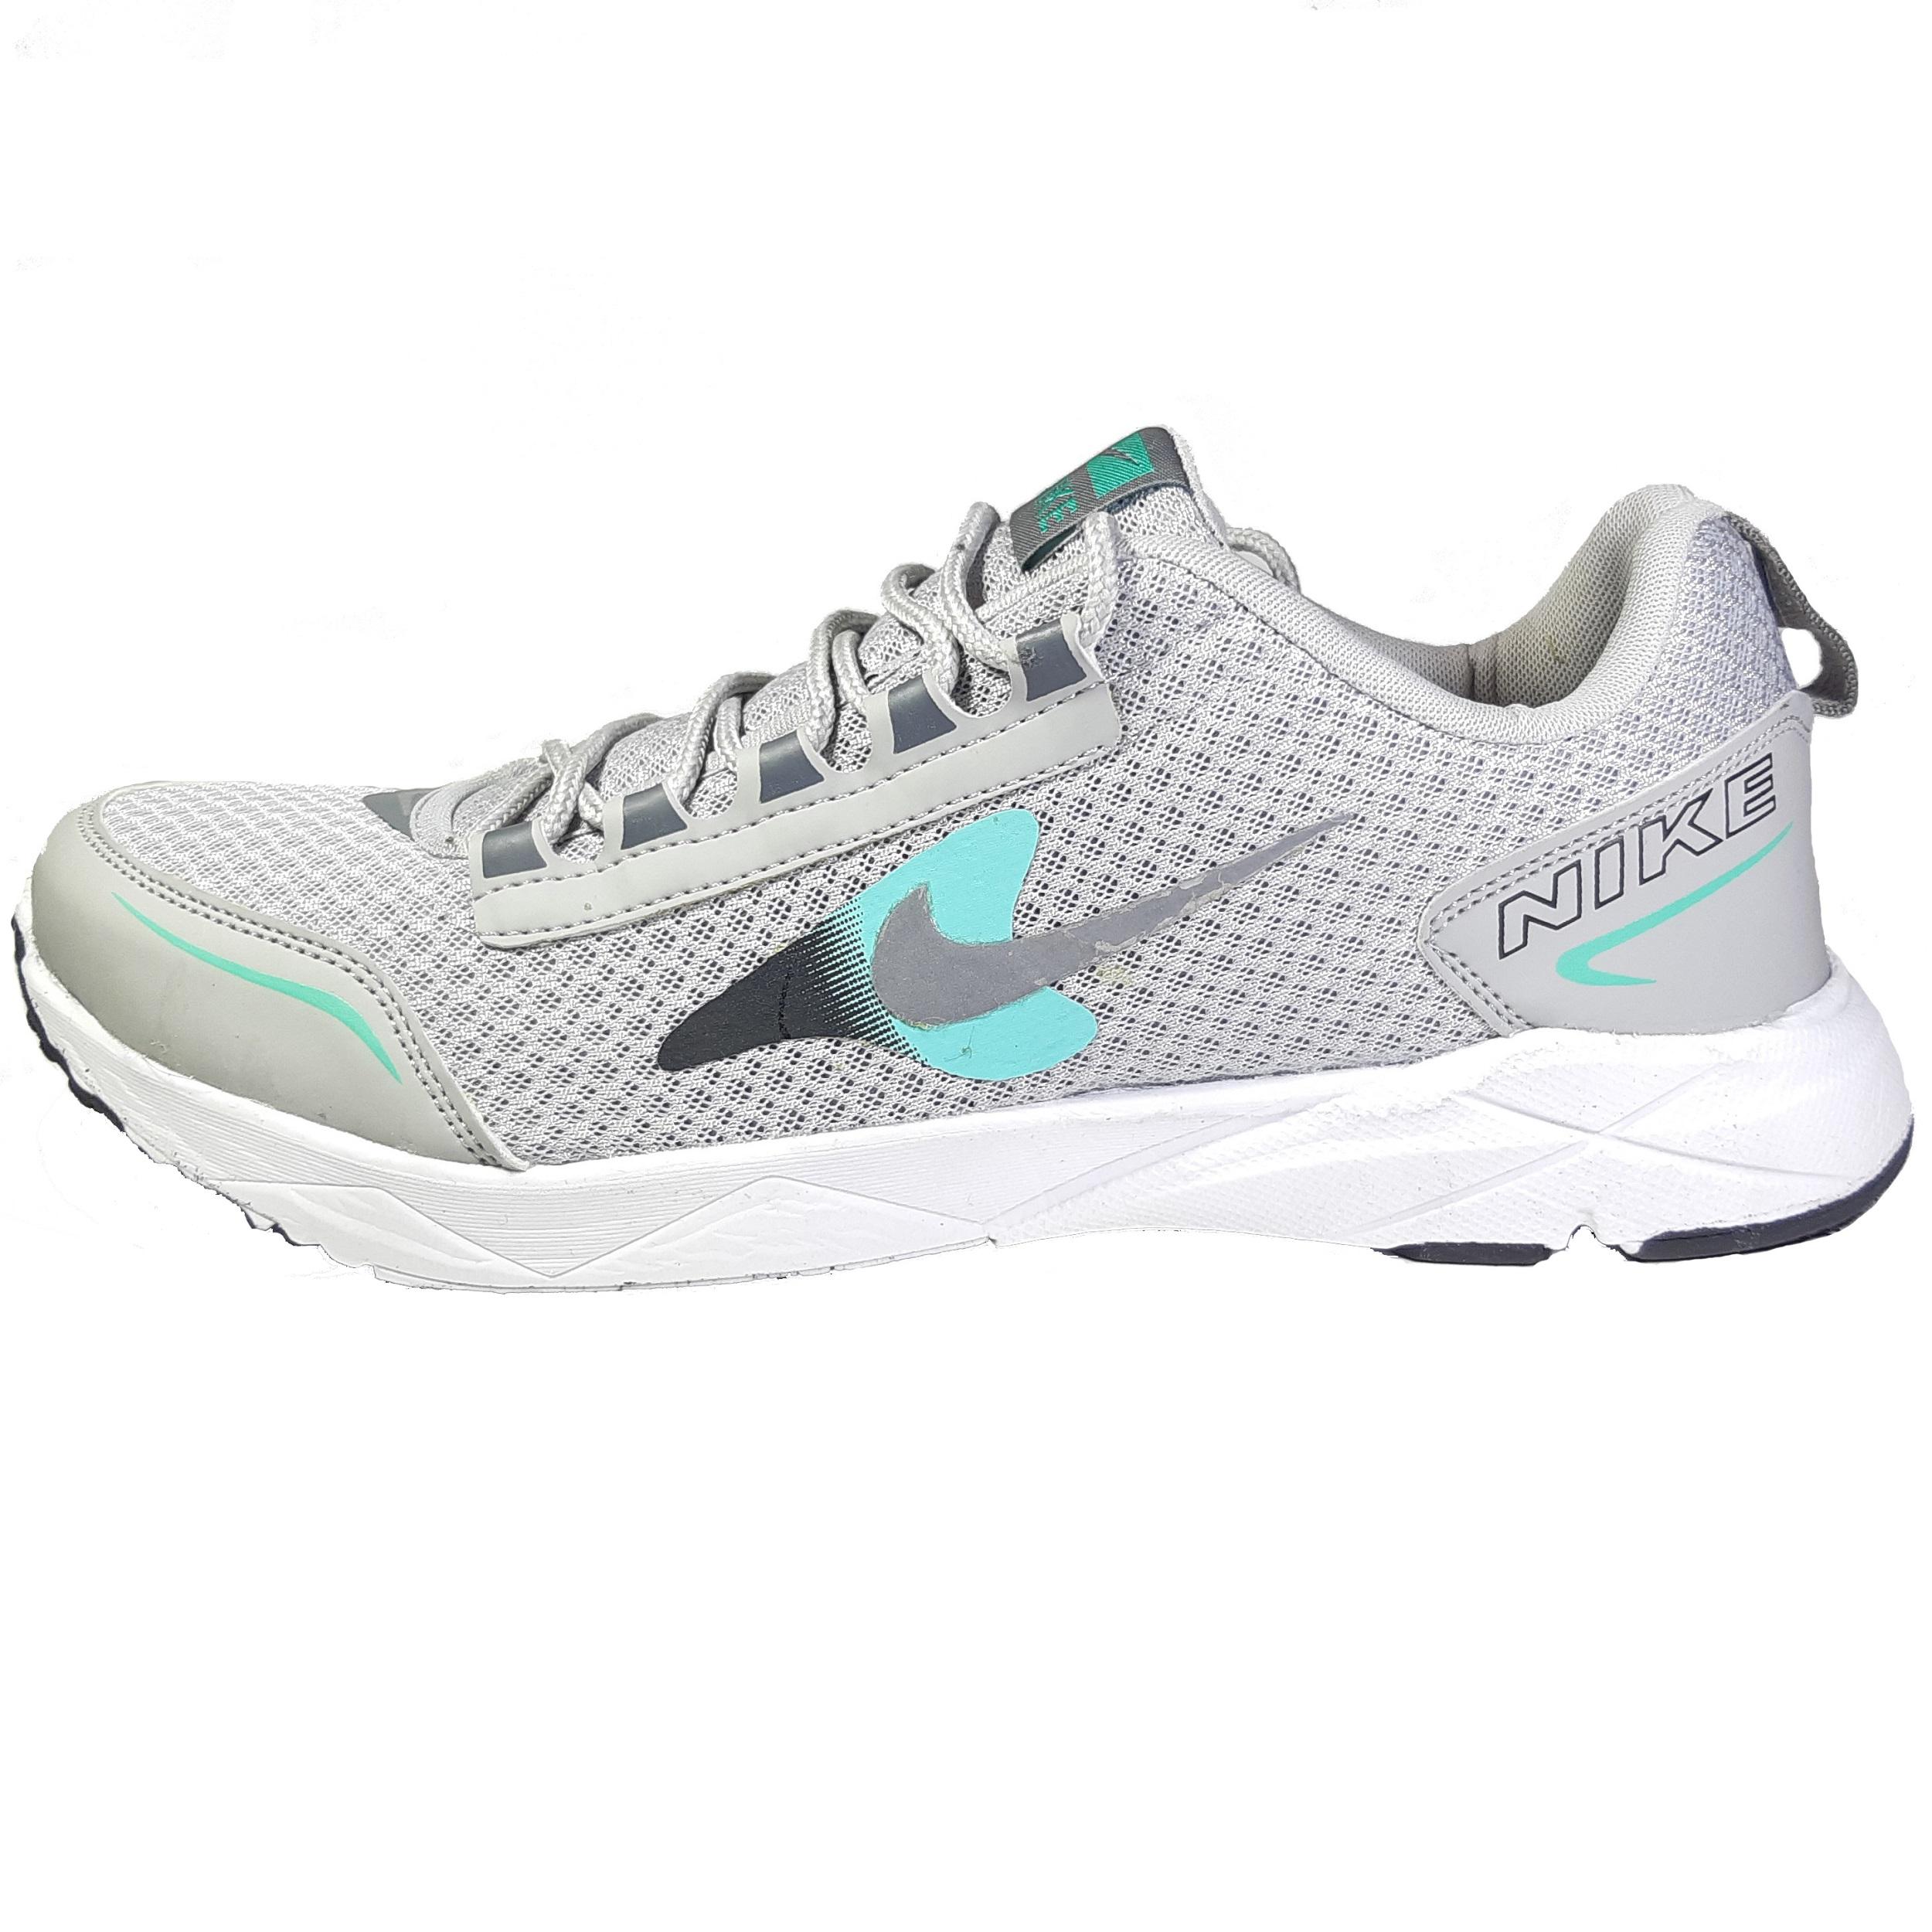 کفش مخصوص پیاده روی مردانه مدل fly کد 03